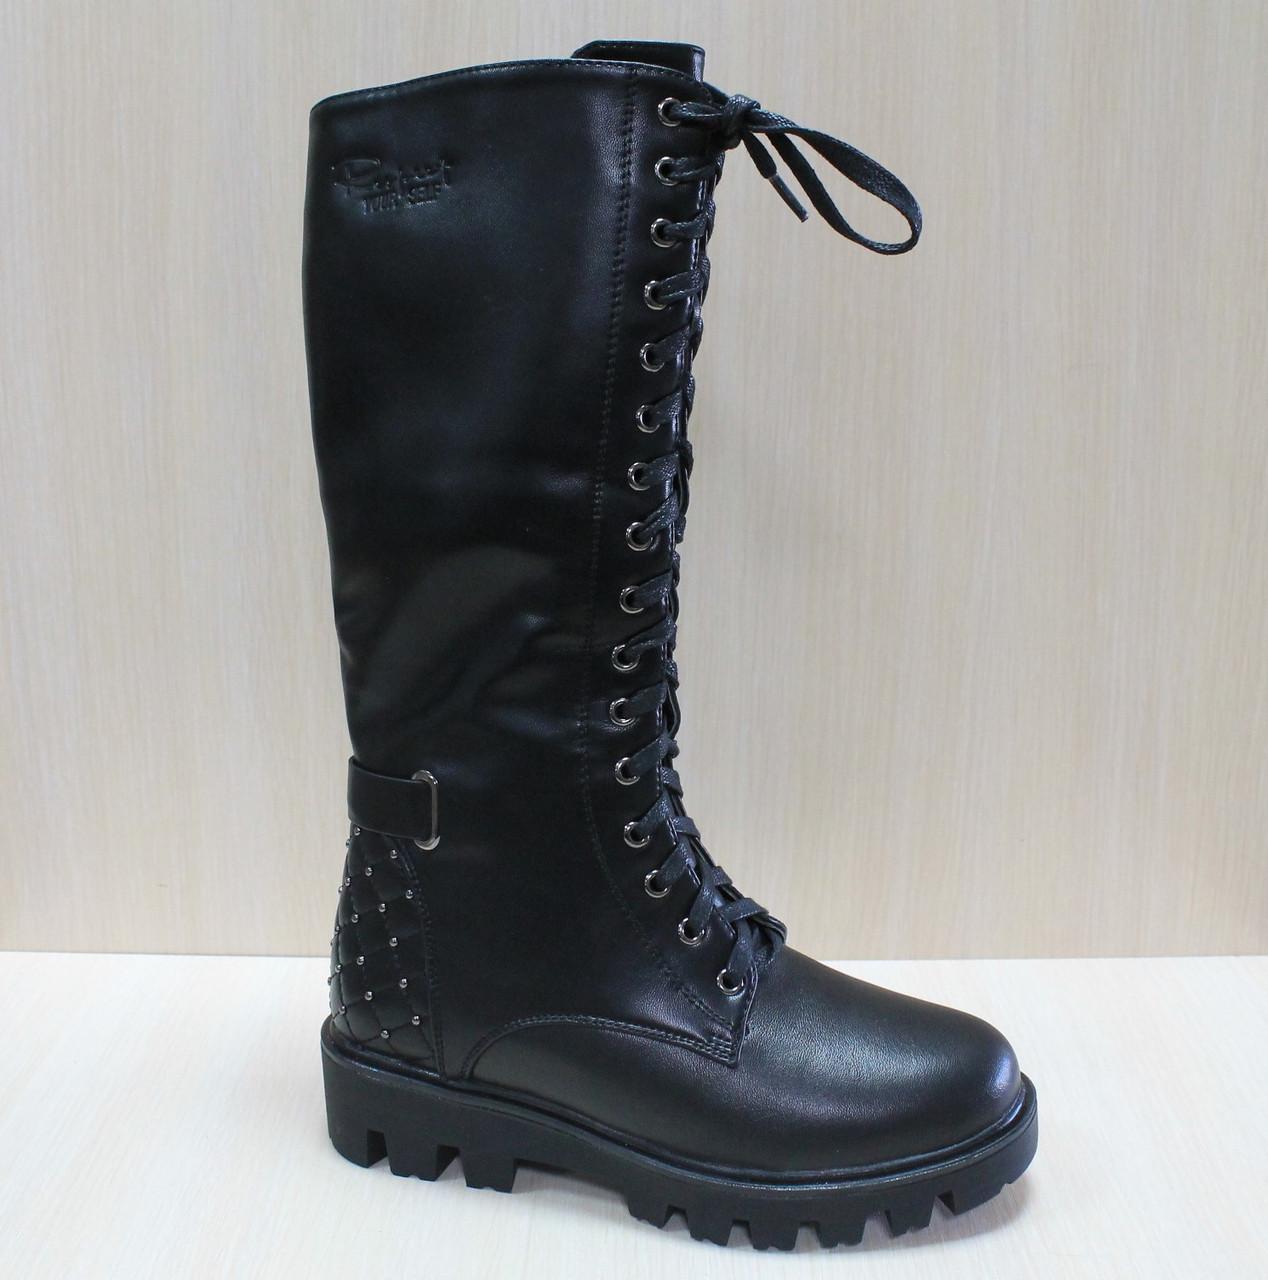 b128b4631 Зимние кожаные высокие ботинки на меху на девочку тм Том.м р.36 ...